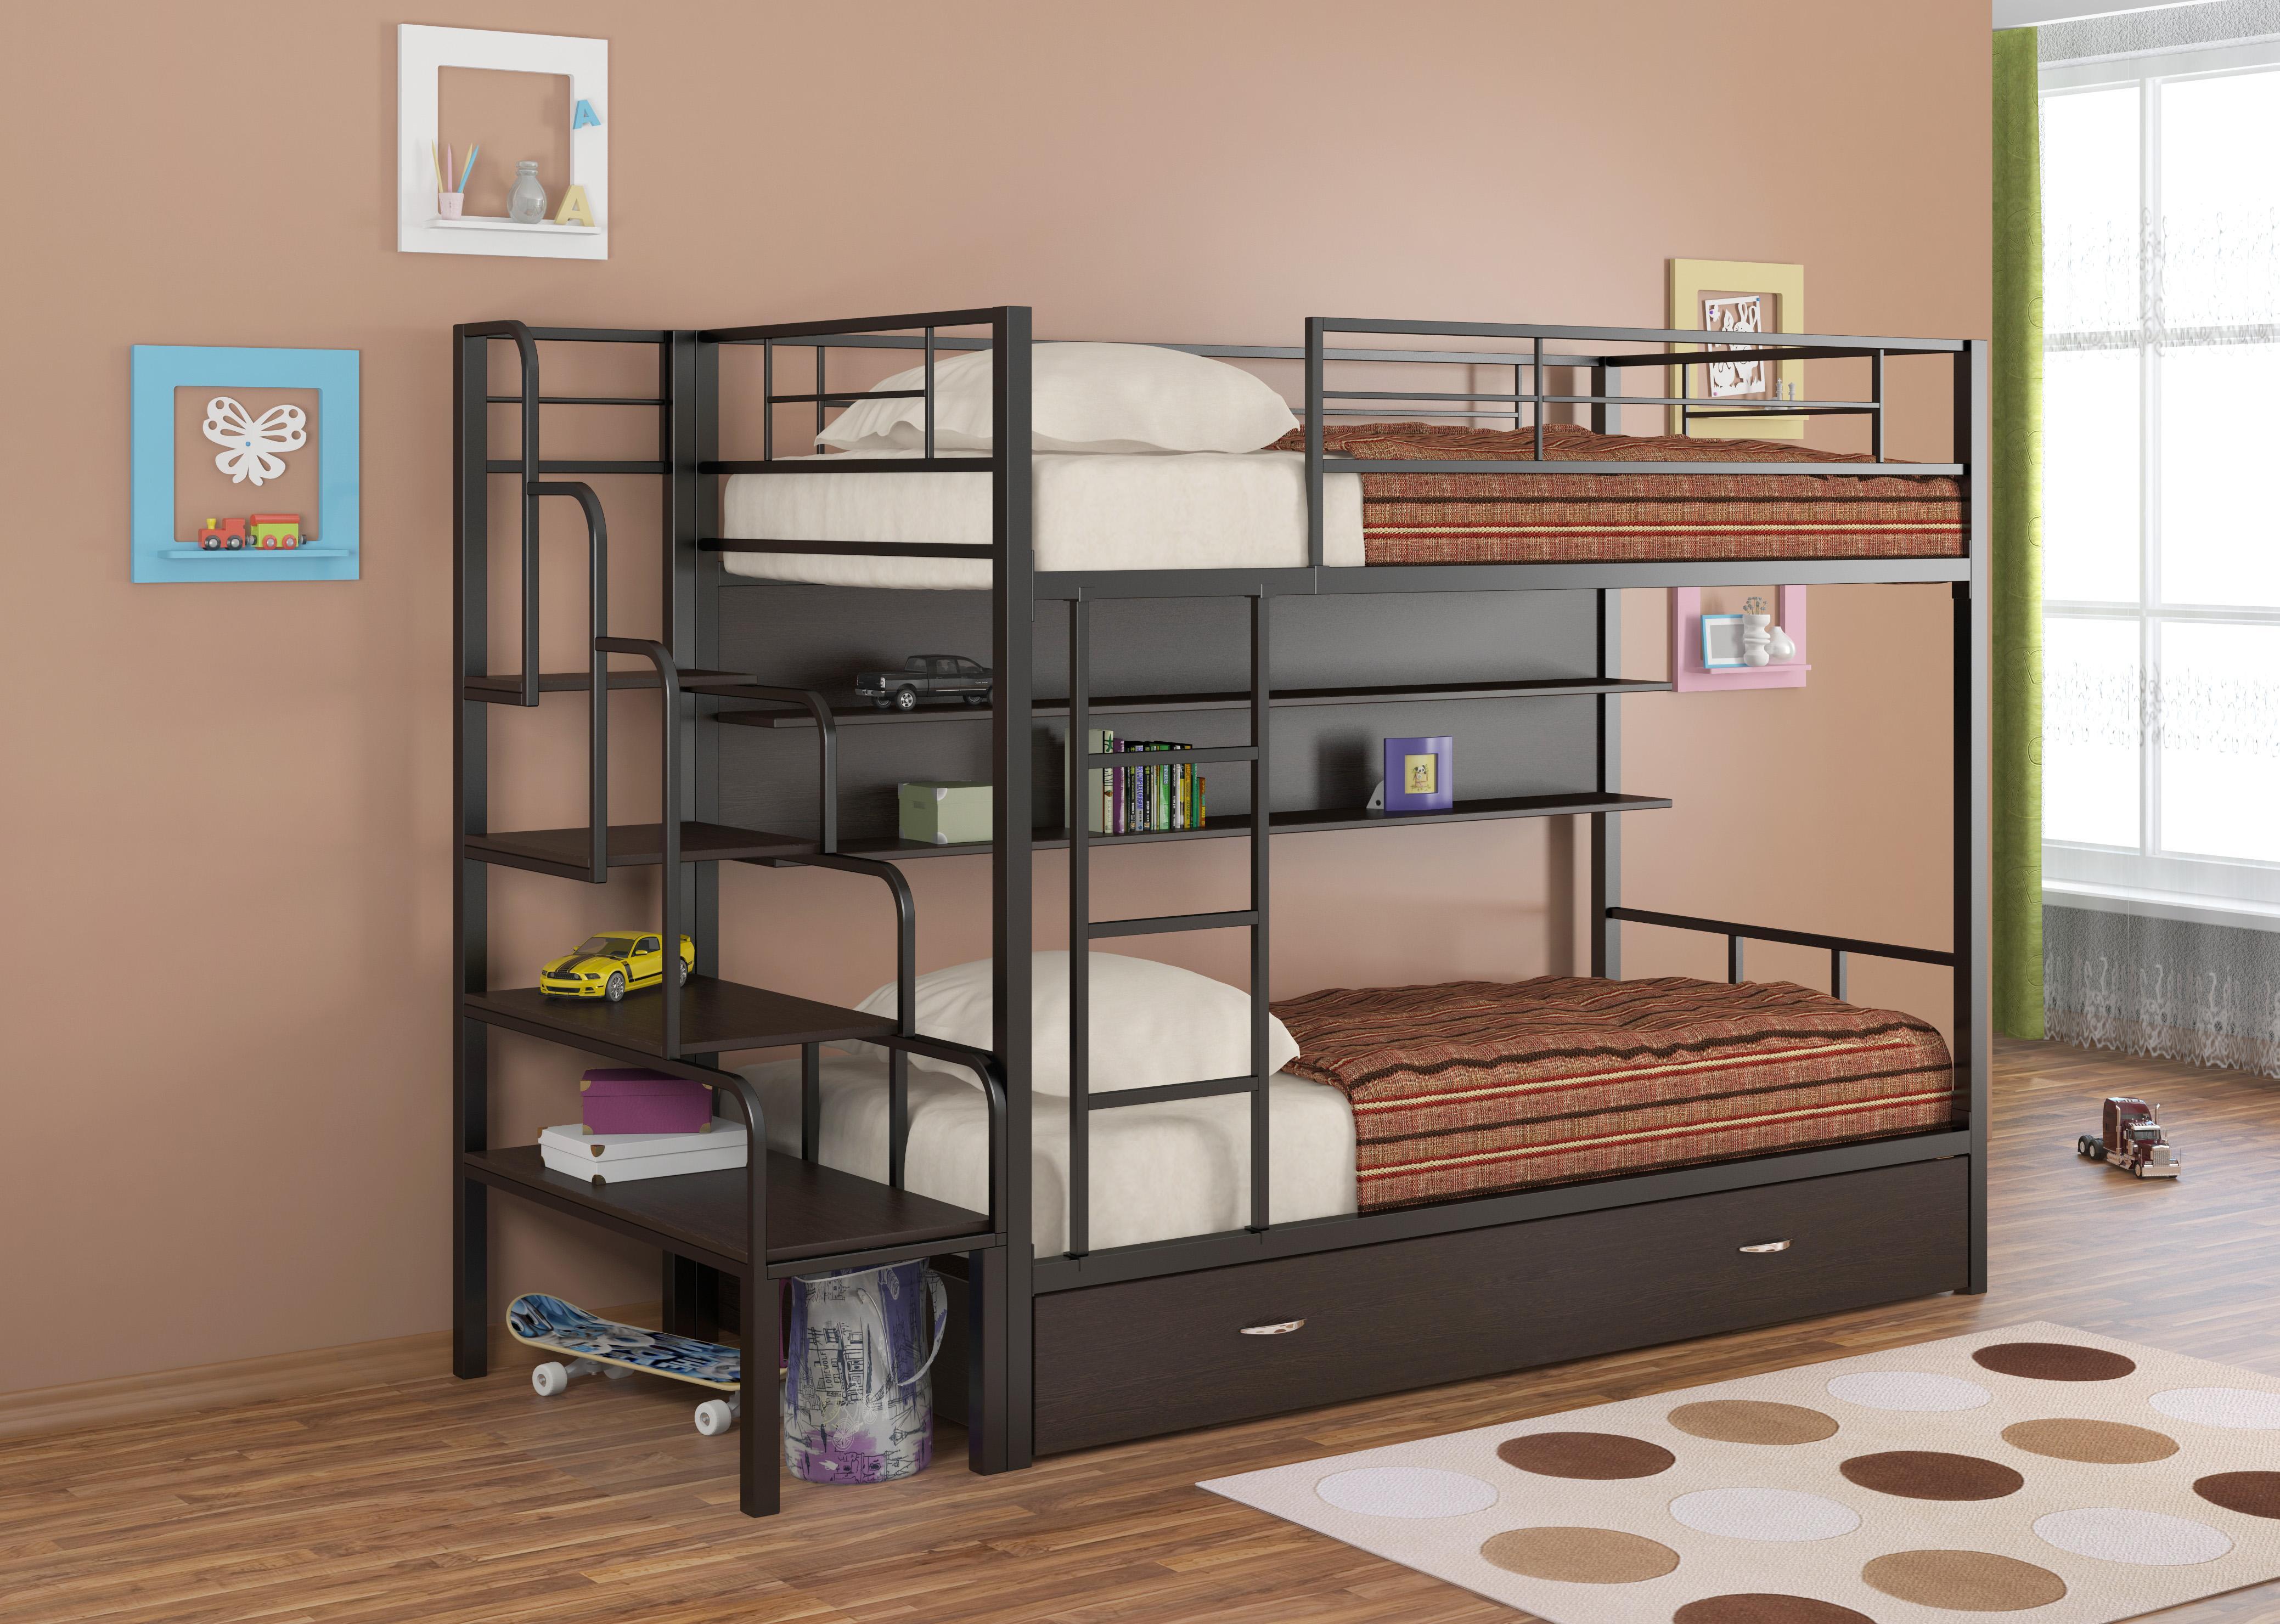 Детская двухъярусная кровать из металла